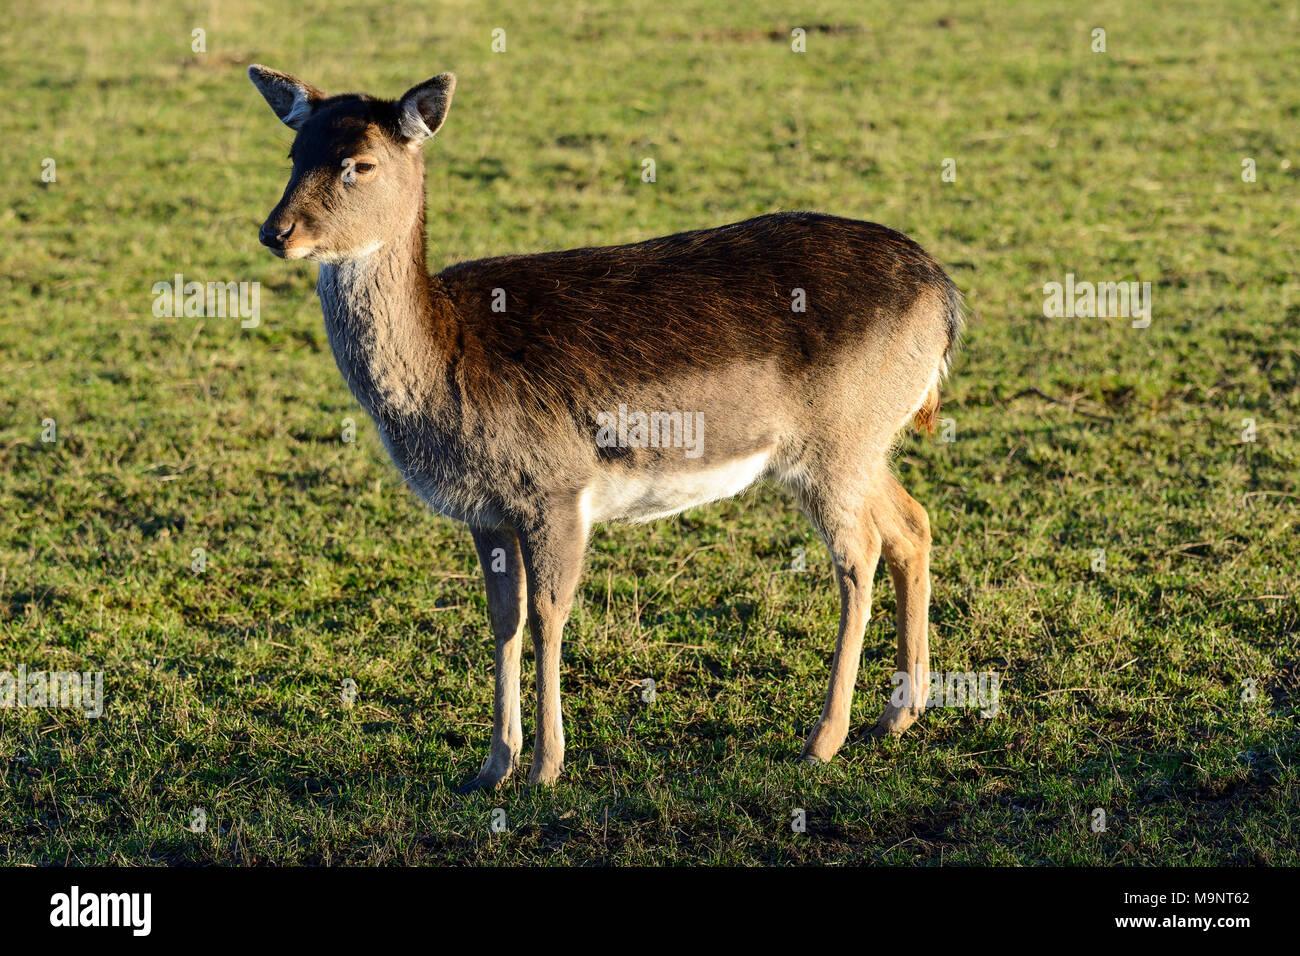 Cervi Sika hind (Cervus nippon) presso la Scottish Centro Cervo, prua di Fife, Cupar, Scotland, Regno Unito Immagini Stock